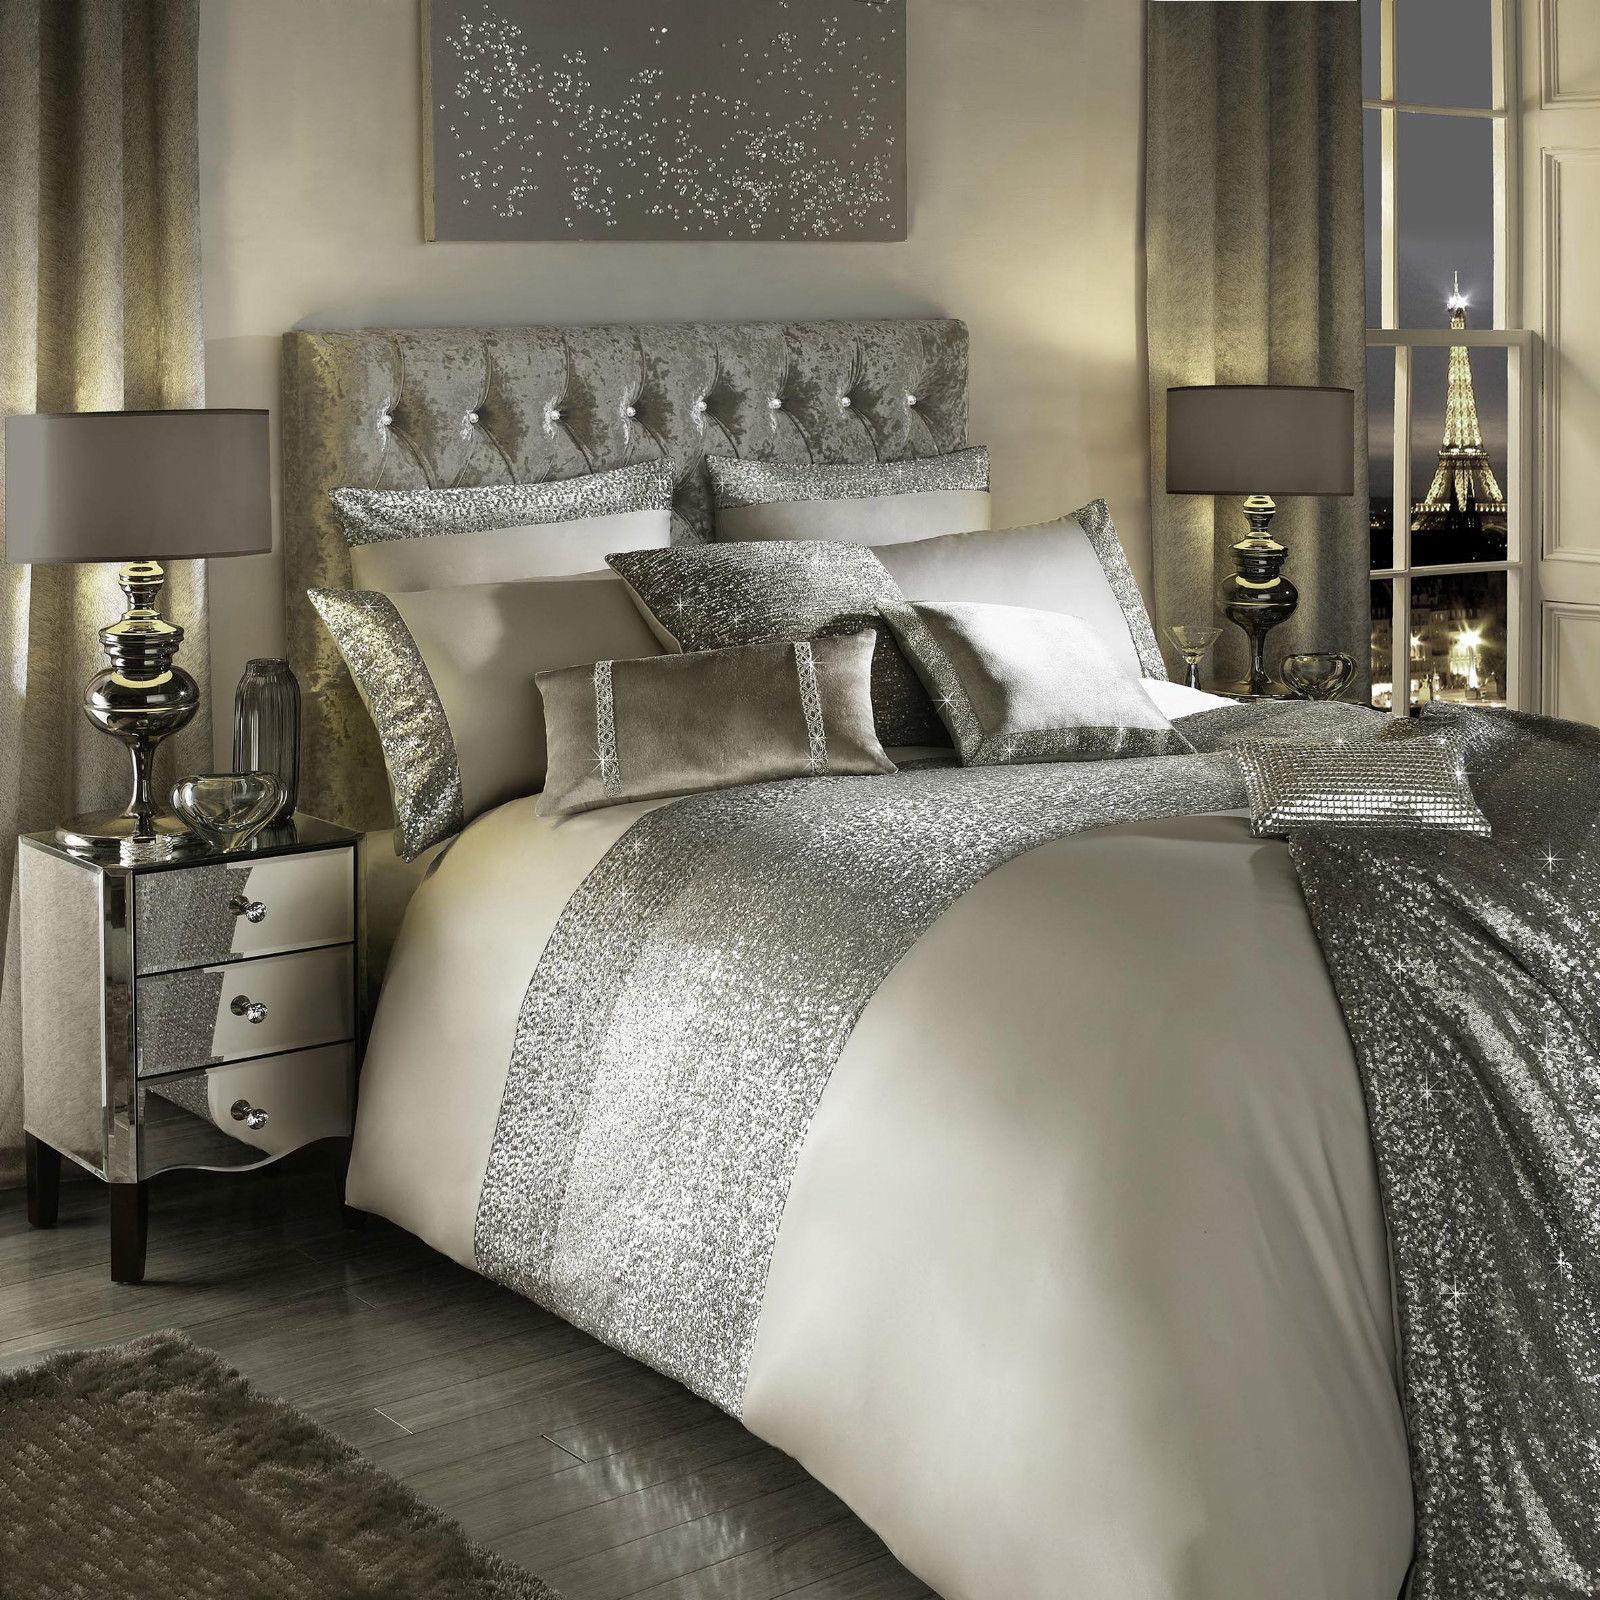 Kylie Minogue MEZZANO PRALINE Bedding Range - Duvet   Quilt, Cushion & Throw